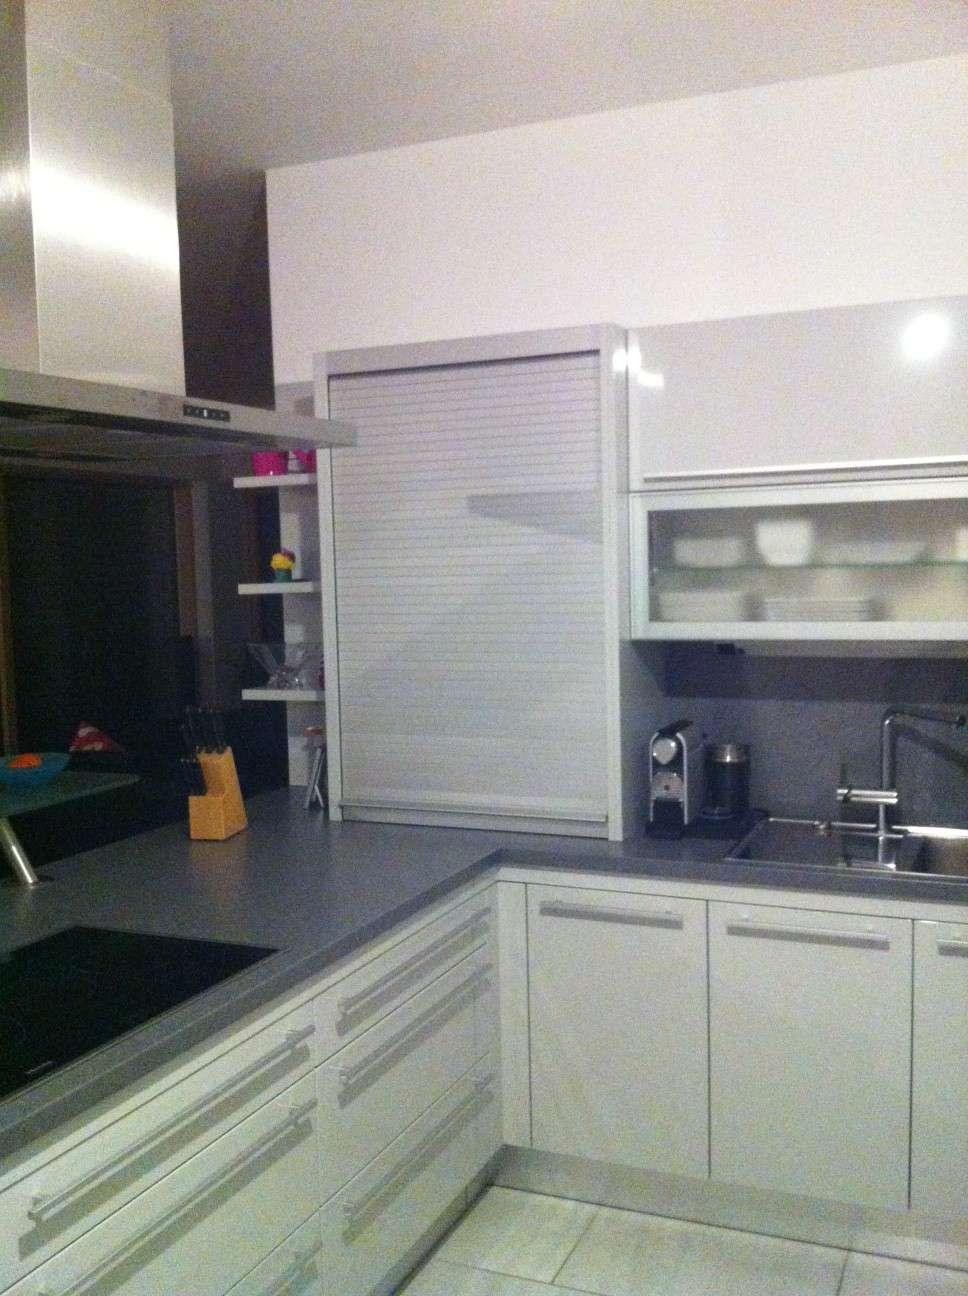 Küche .. alles geklebt oder geschraubt ? | Forum auf ...